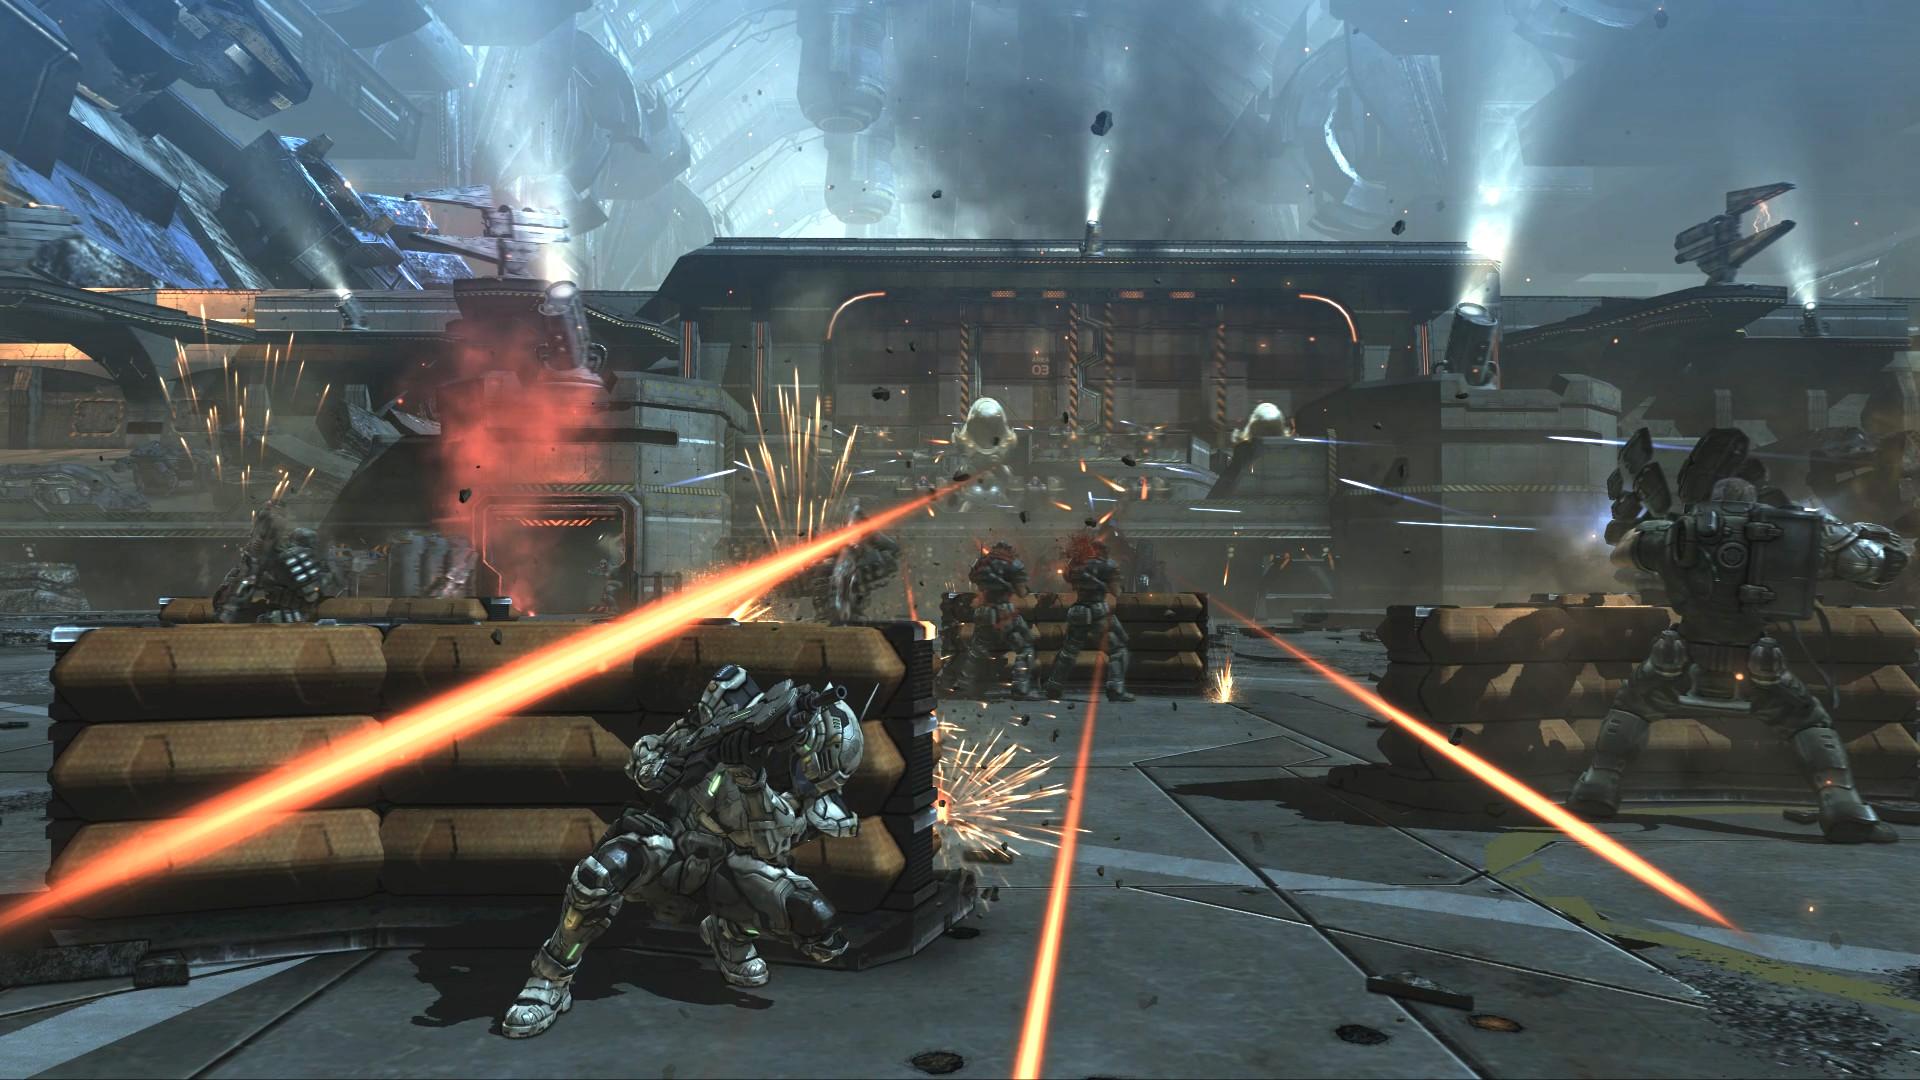 Vanquish - Best Action Games 2020